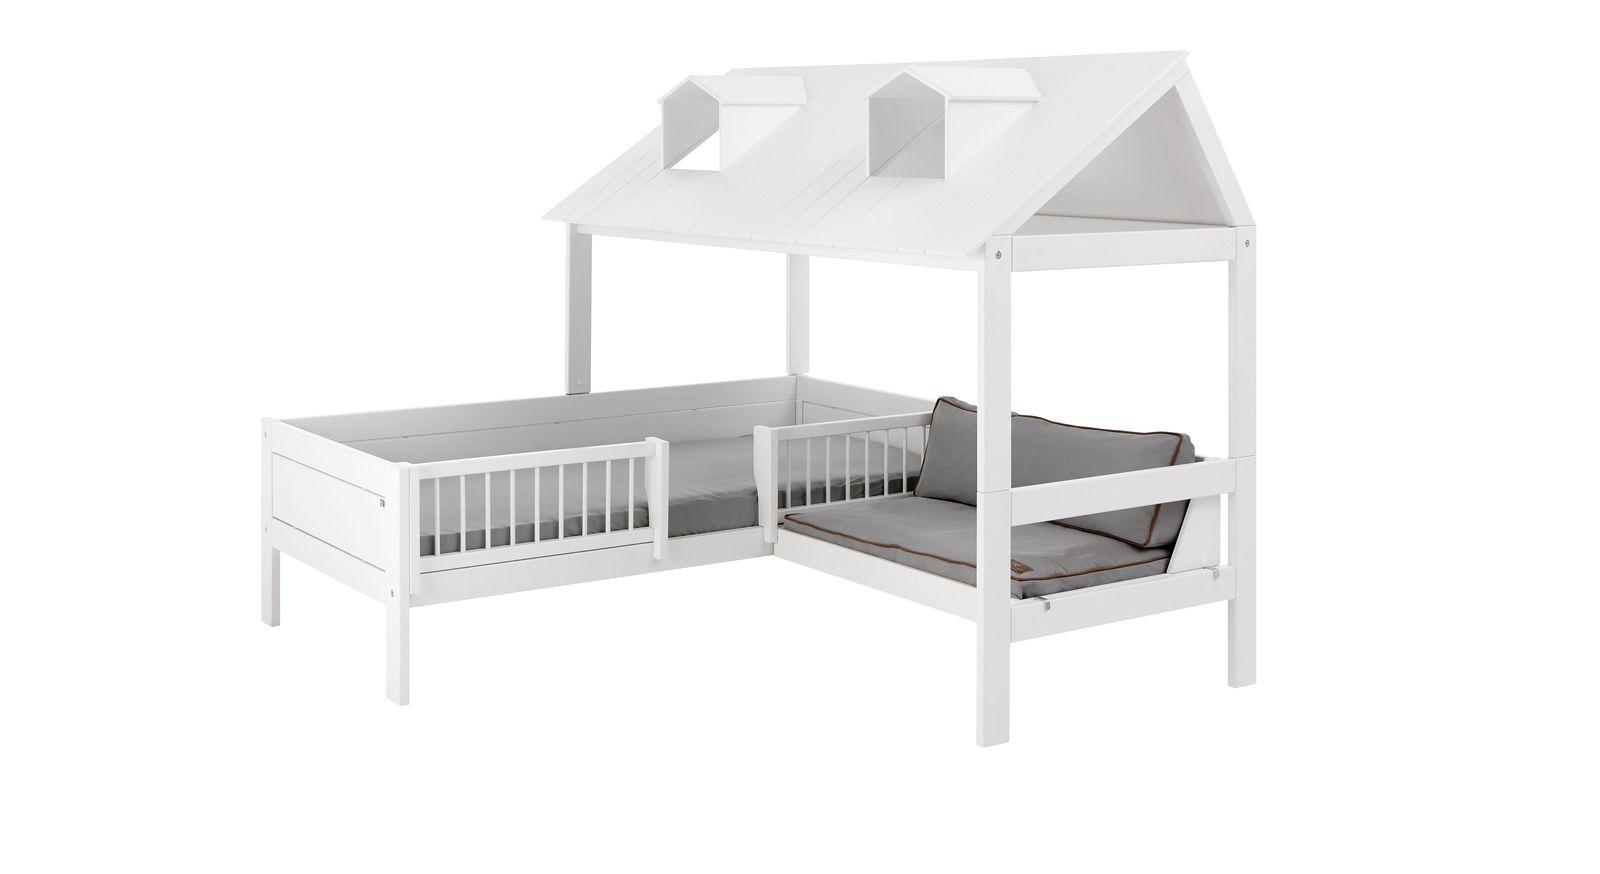 LIFETIME Bett & Sofa Ferienhaus mit Dach in ganzer Breite